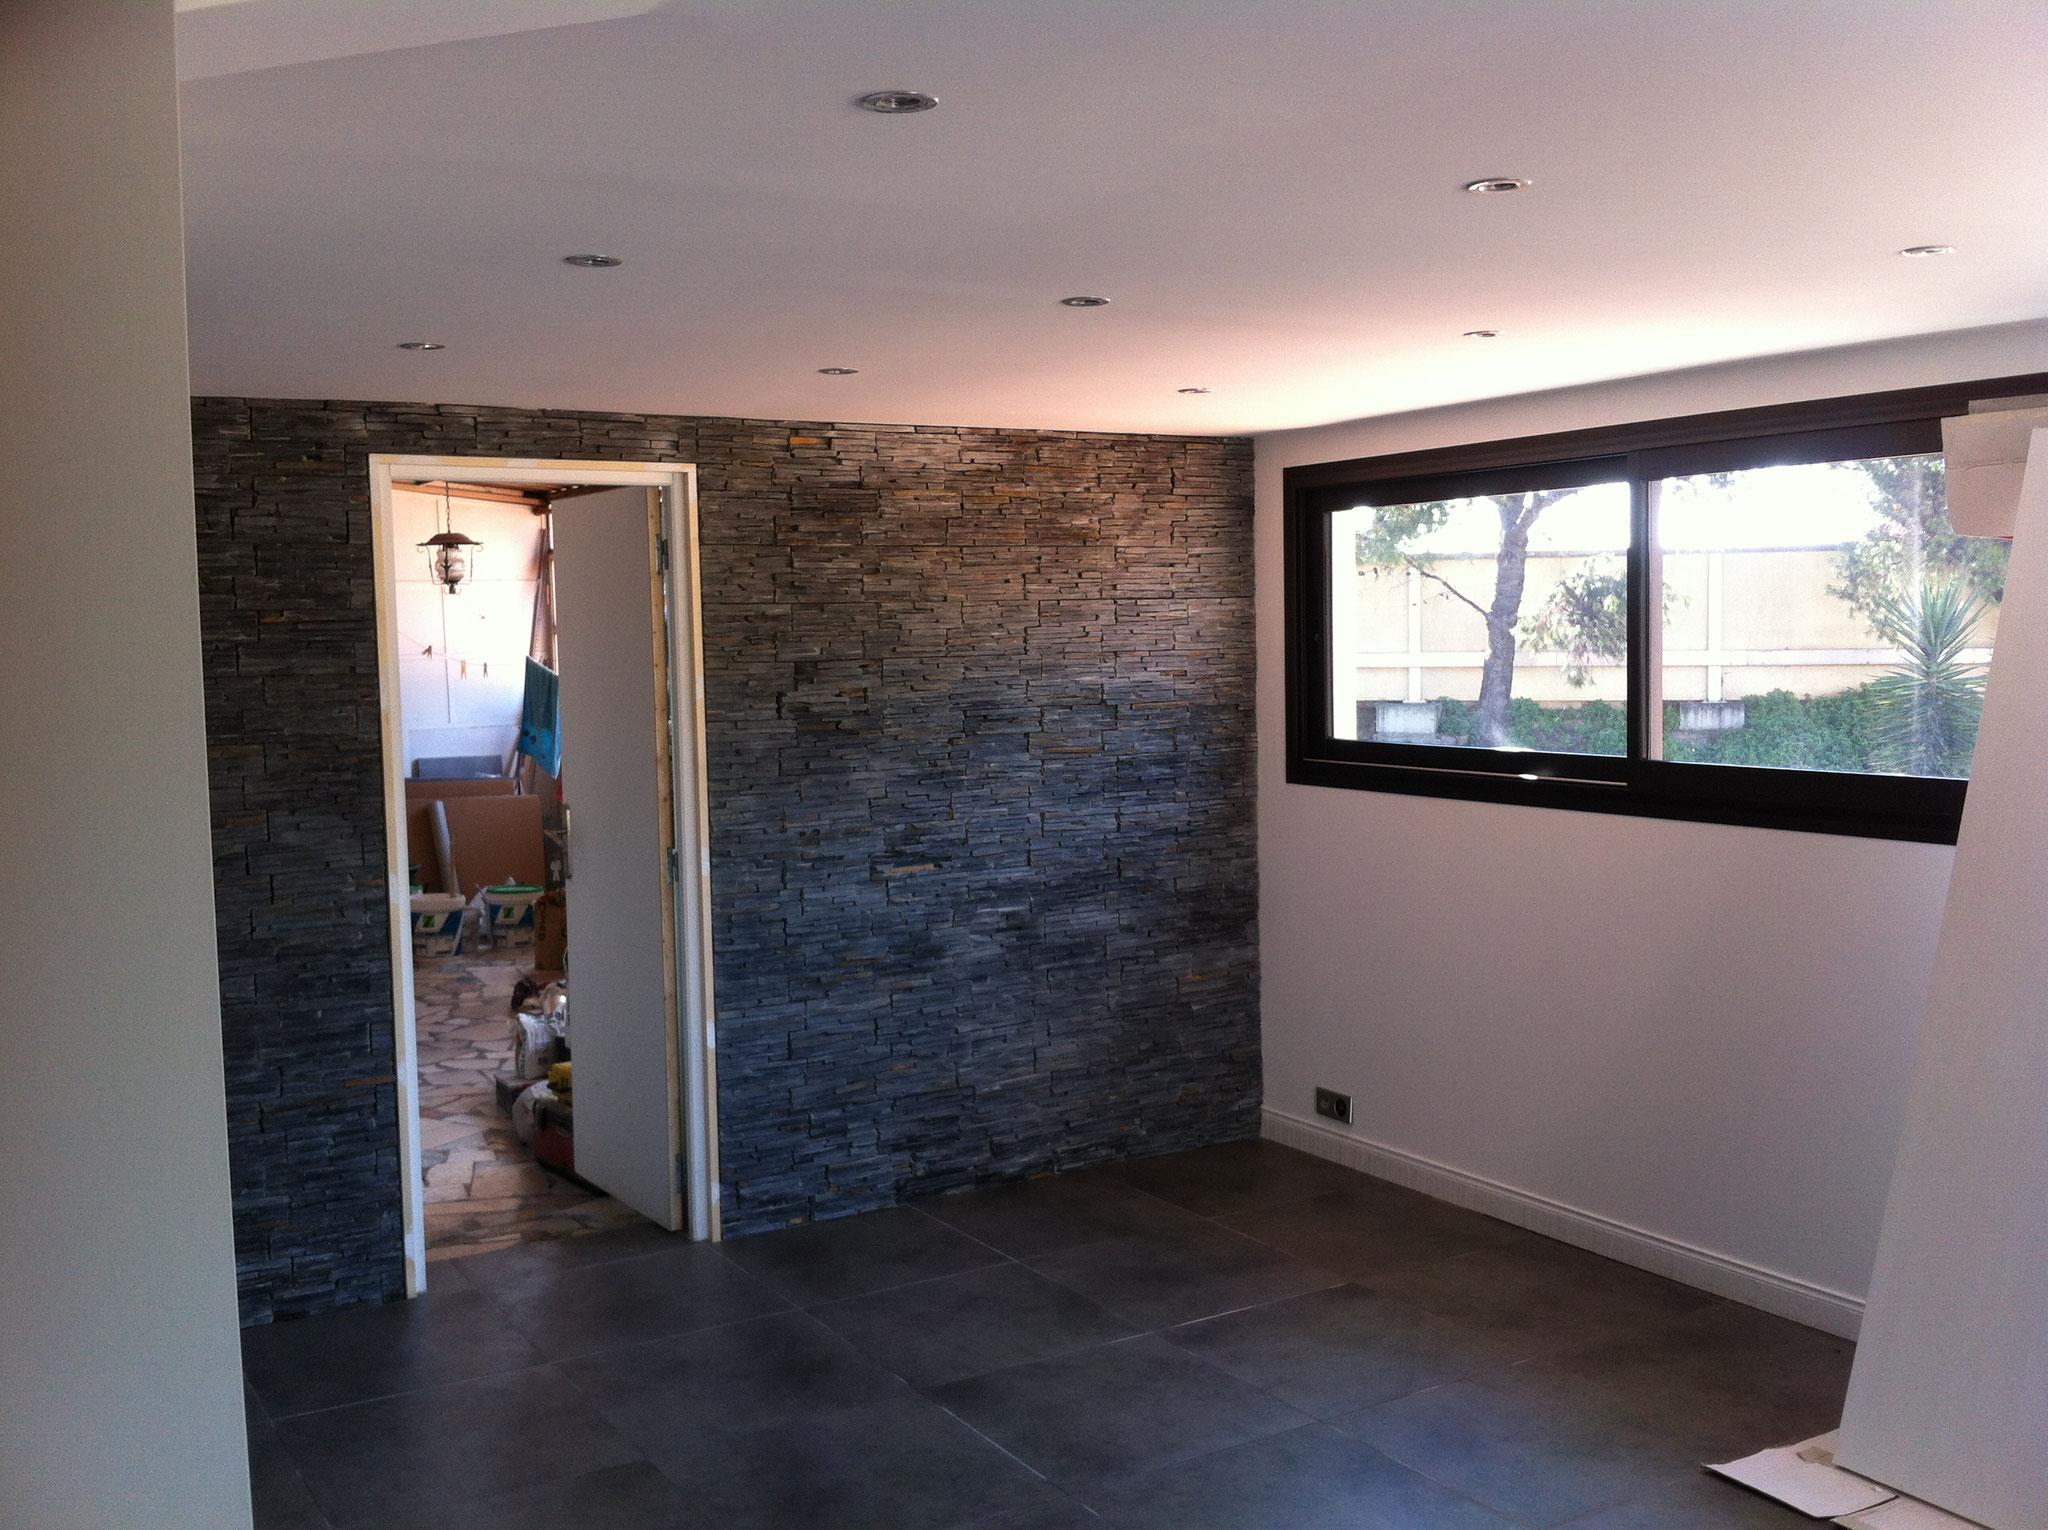 Pose de carrelage sur sol et parement pierre sur murs